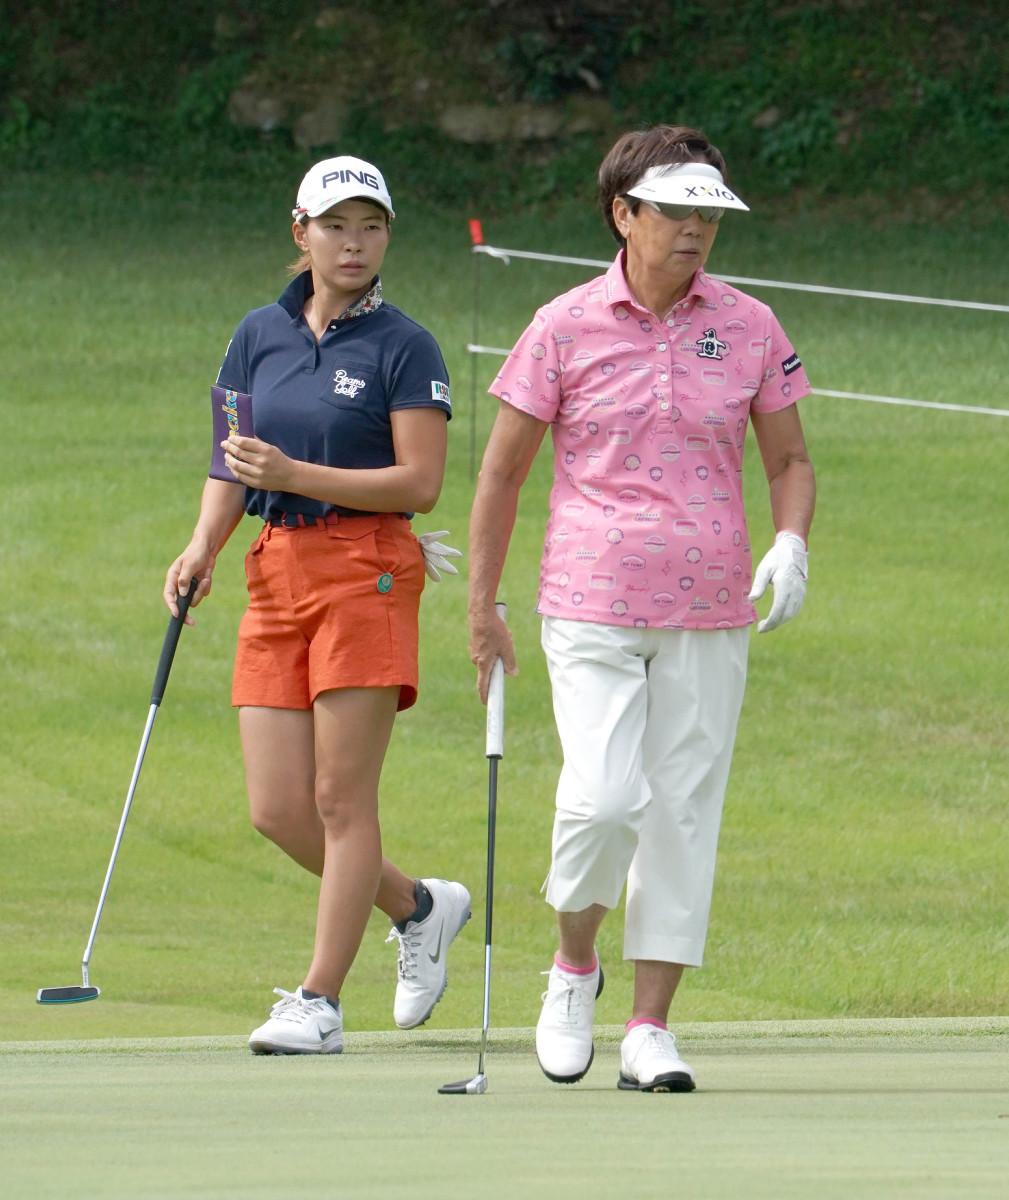 渋野日向子(左)は樋口久子日本ゴルフ協会特別顧問(右)と同組でプロアマ戦をラウンド